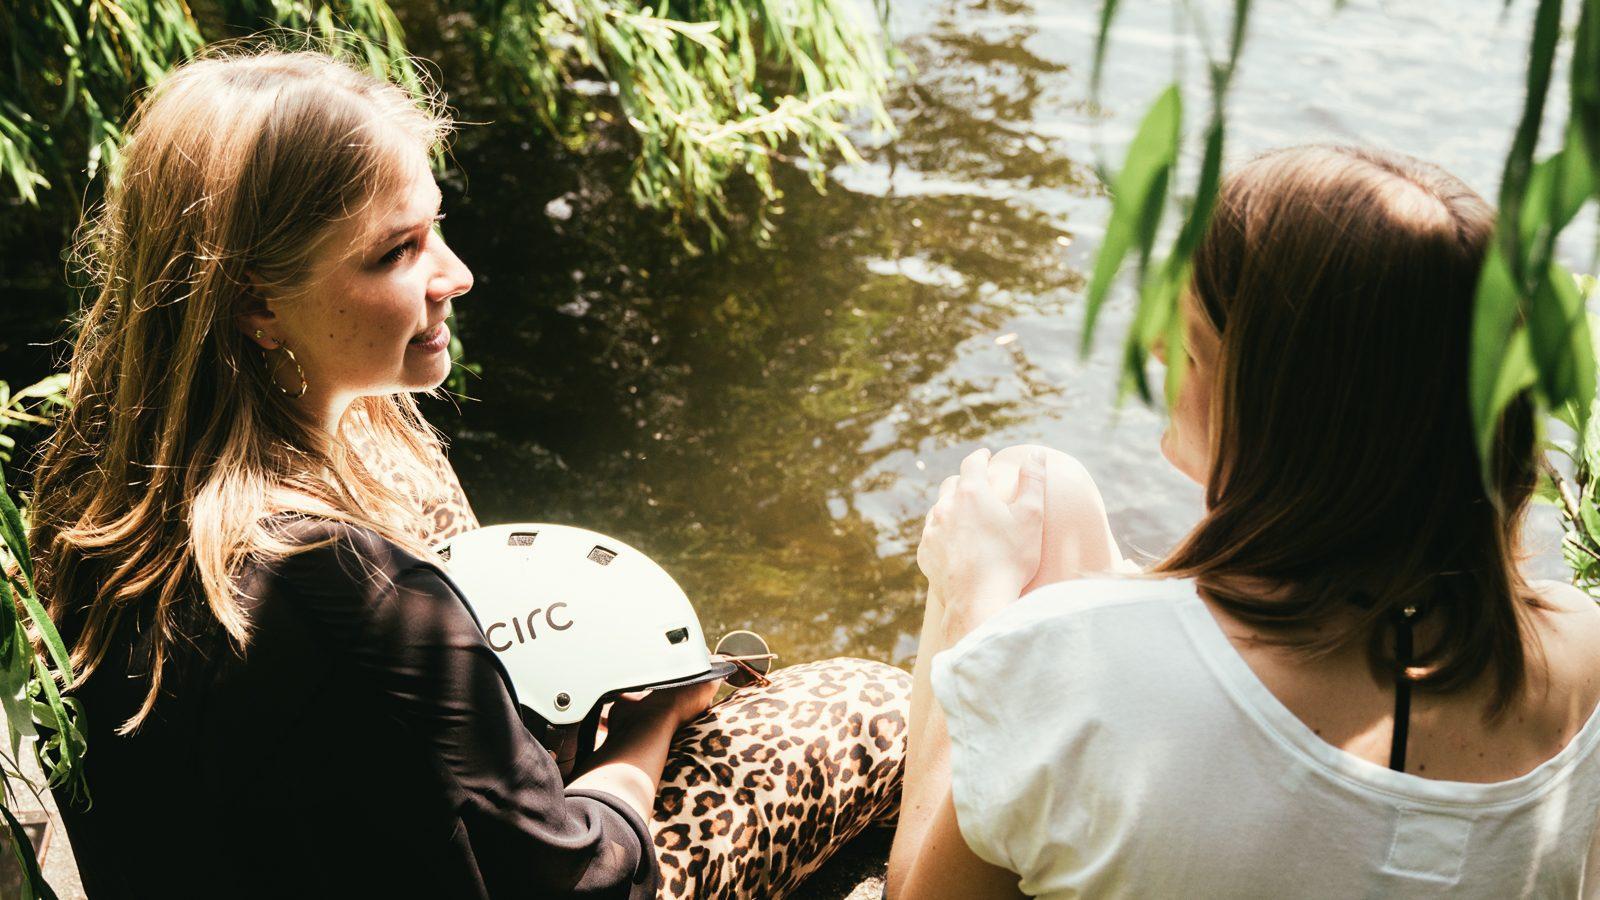 Zwei Frauen sitzen am Wasser